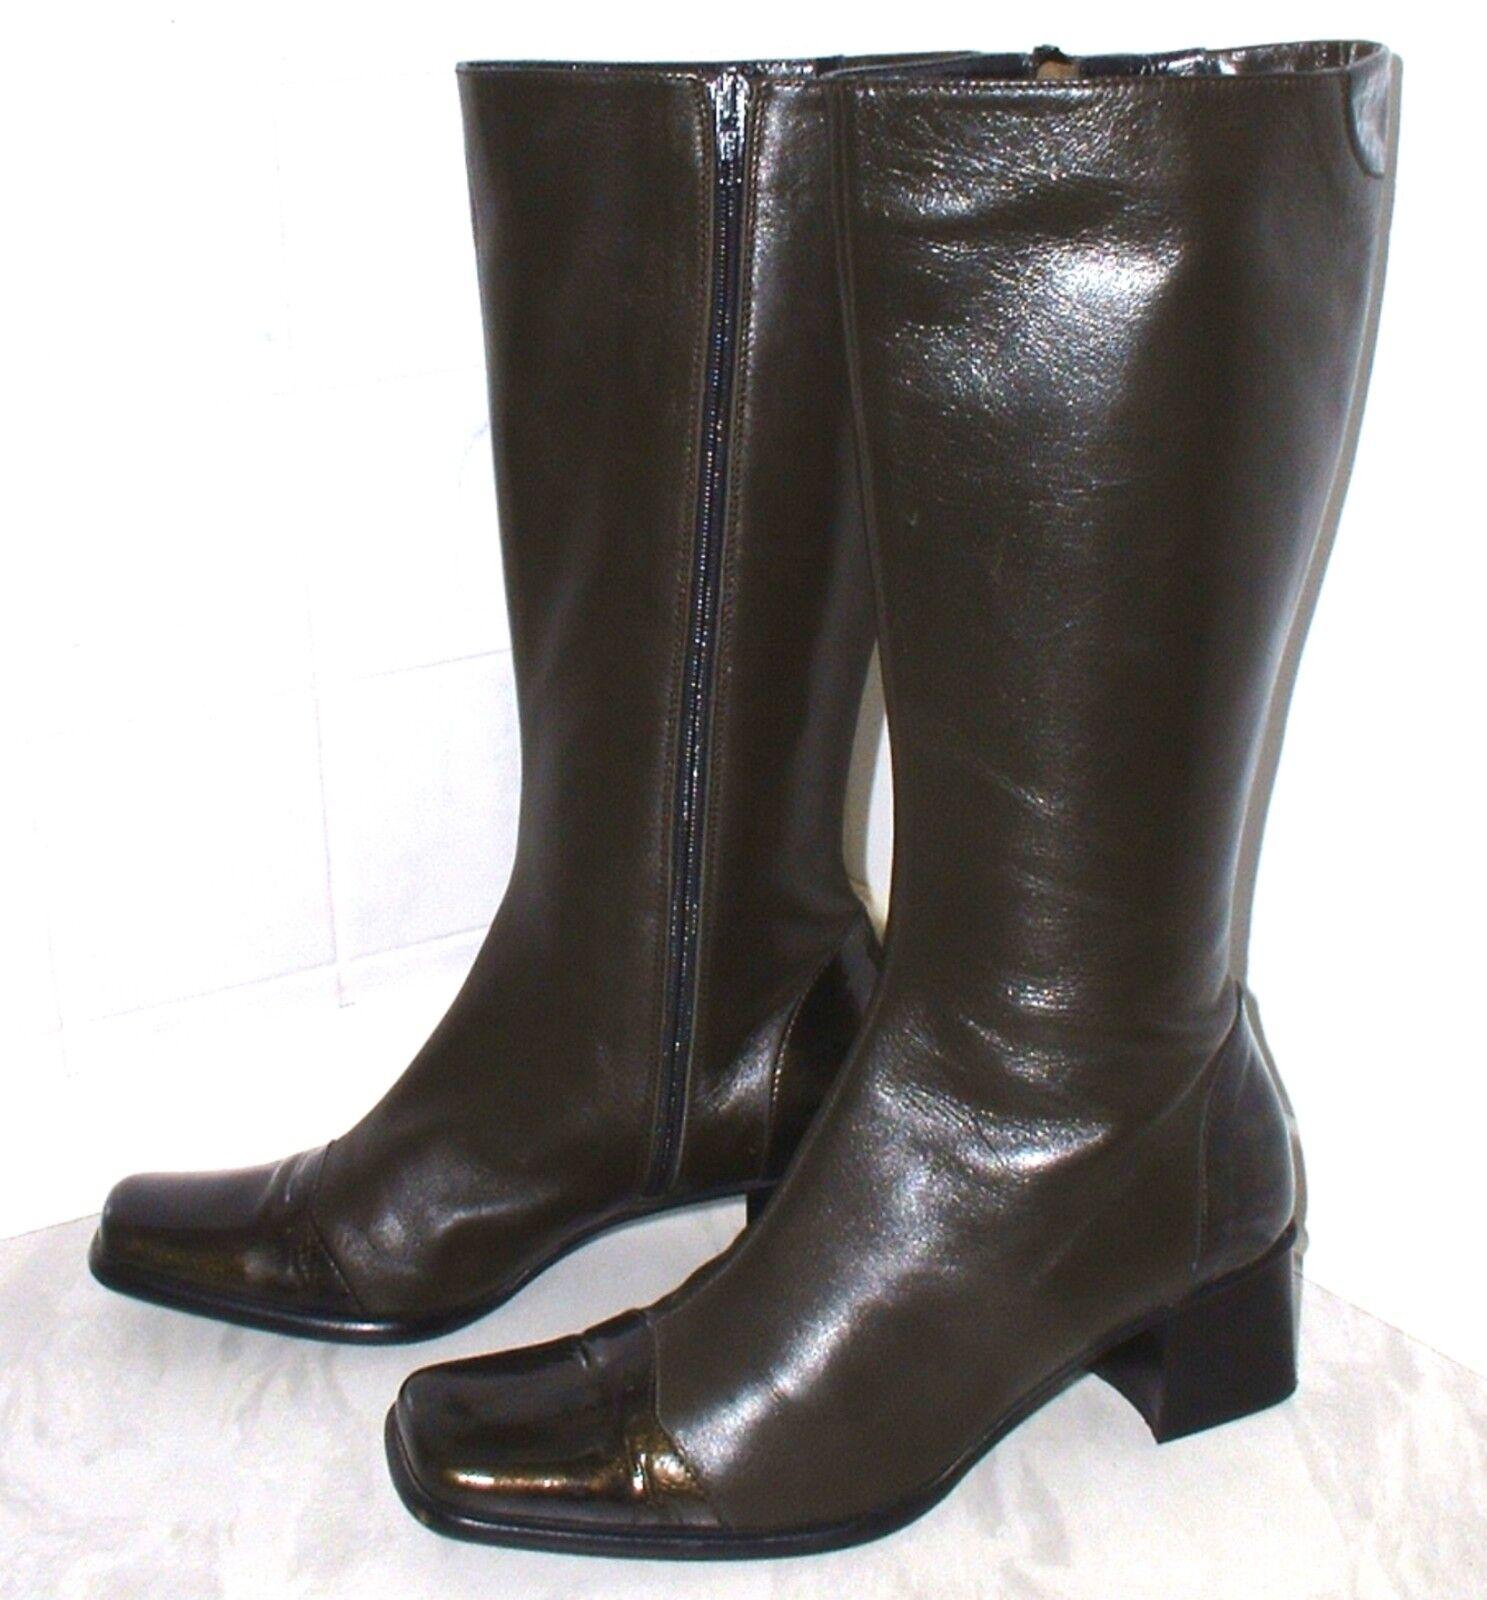 BRUNELLA  De Haute Qualité Bottes en cuir  Marron Taille 37,5  Cuir Doux